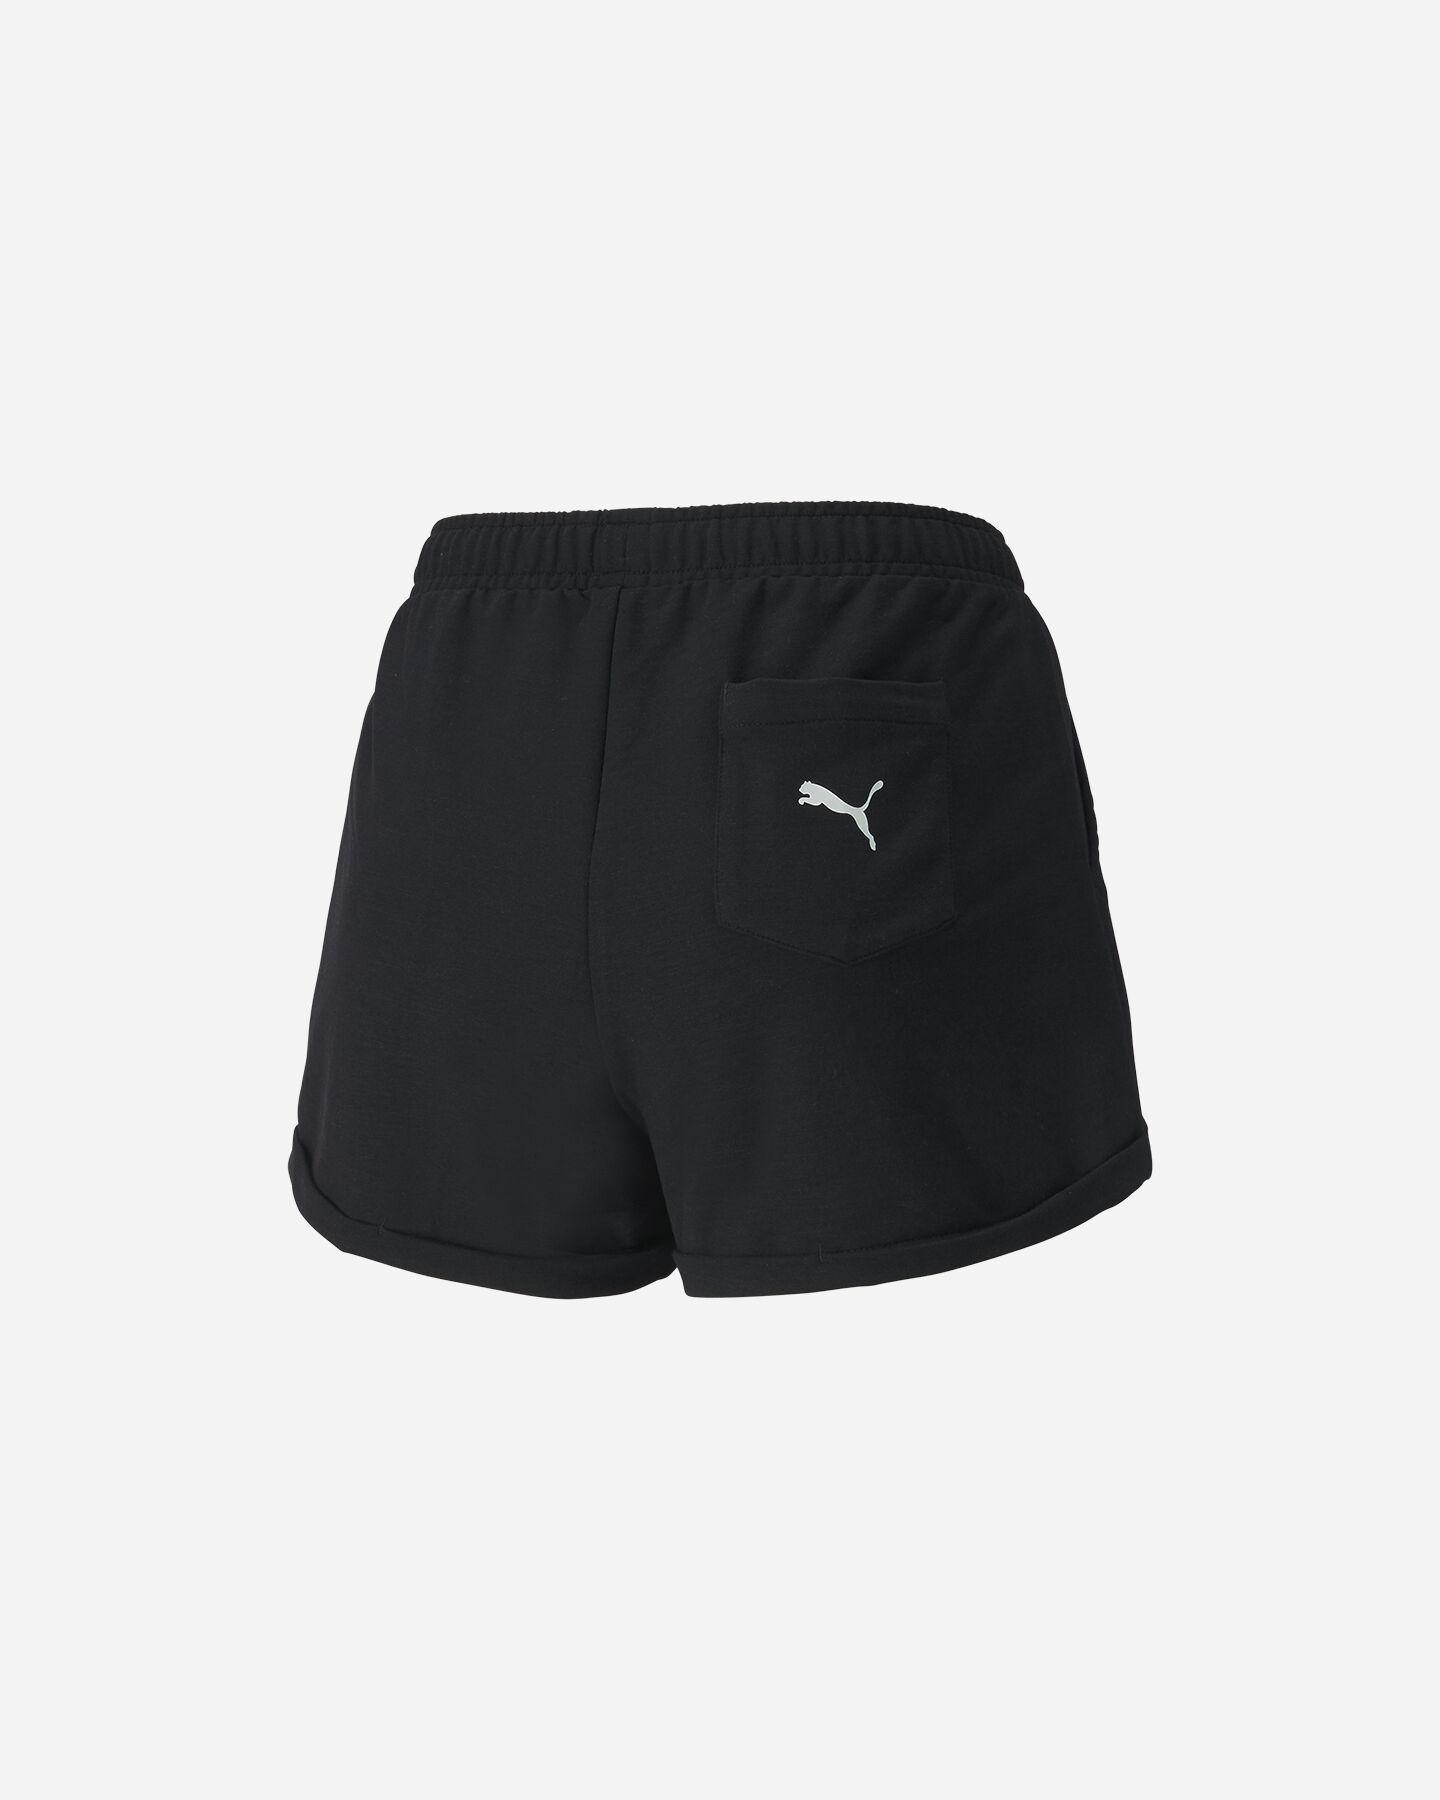 Pantaloncini PUMA REBEL W S5189526 scatto 1